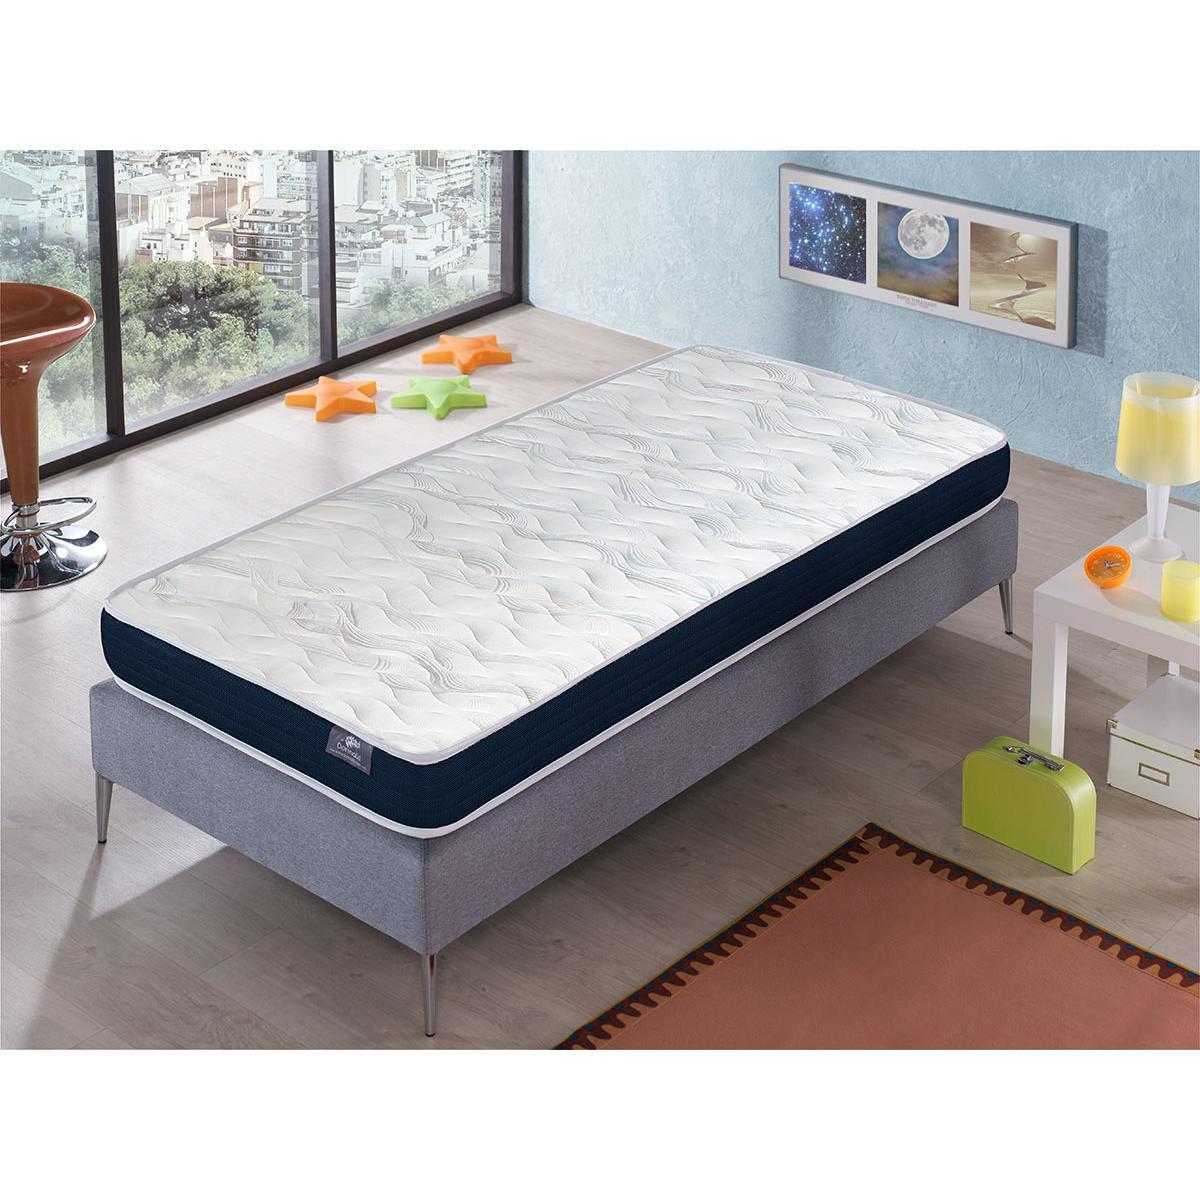 Dormalit Matelas 90X180 ERGO CONFORT Épaisseur 14 CM ? Rembourrage super soft - Juvénil - idéal pour les lits gigognes